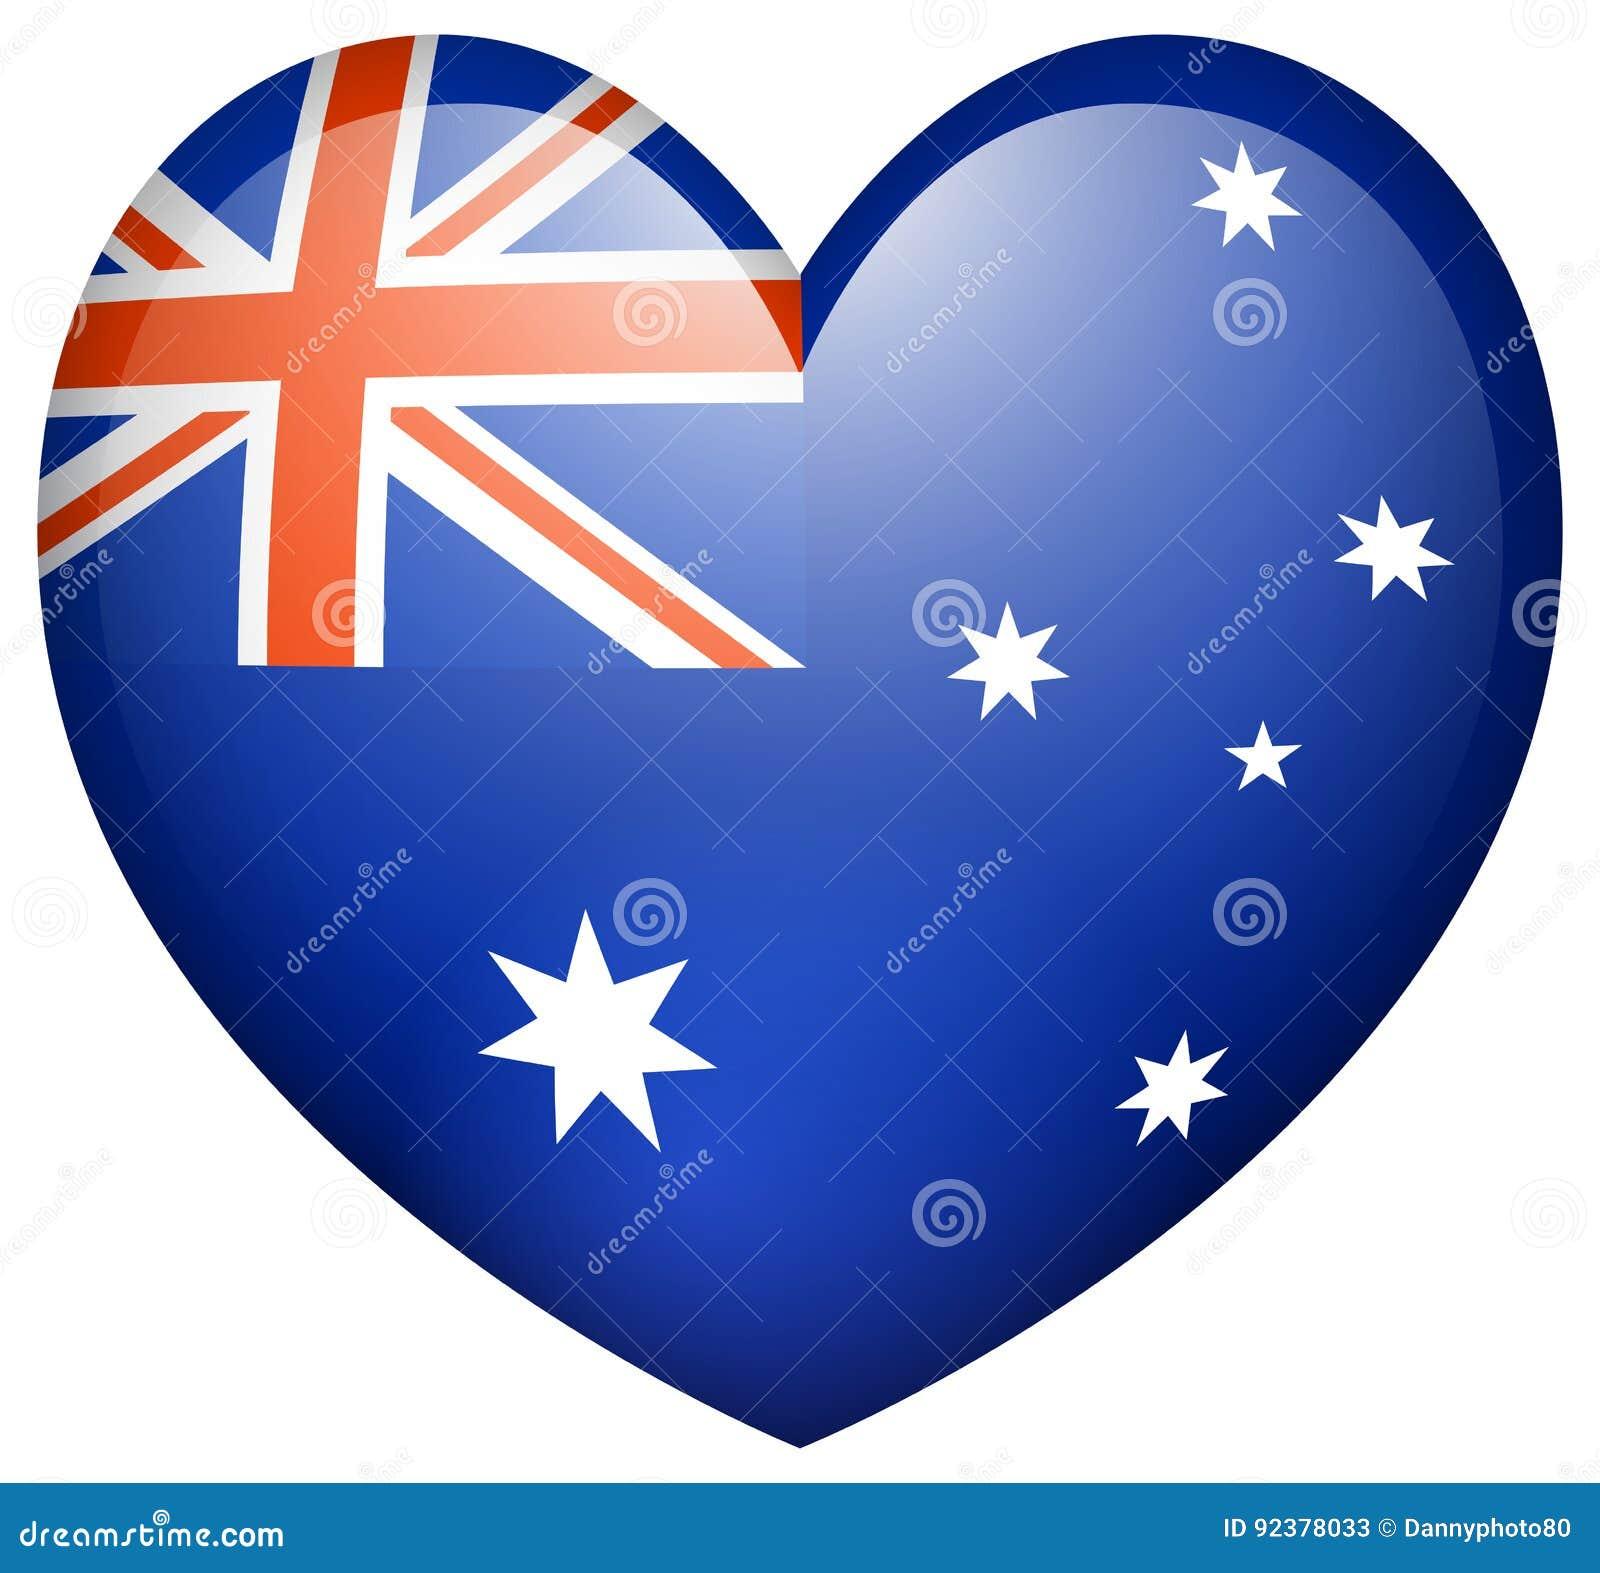 Flagge Auf Australien In Der Herzform Vektor Abbildung ...